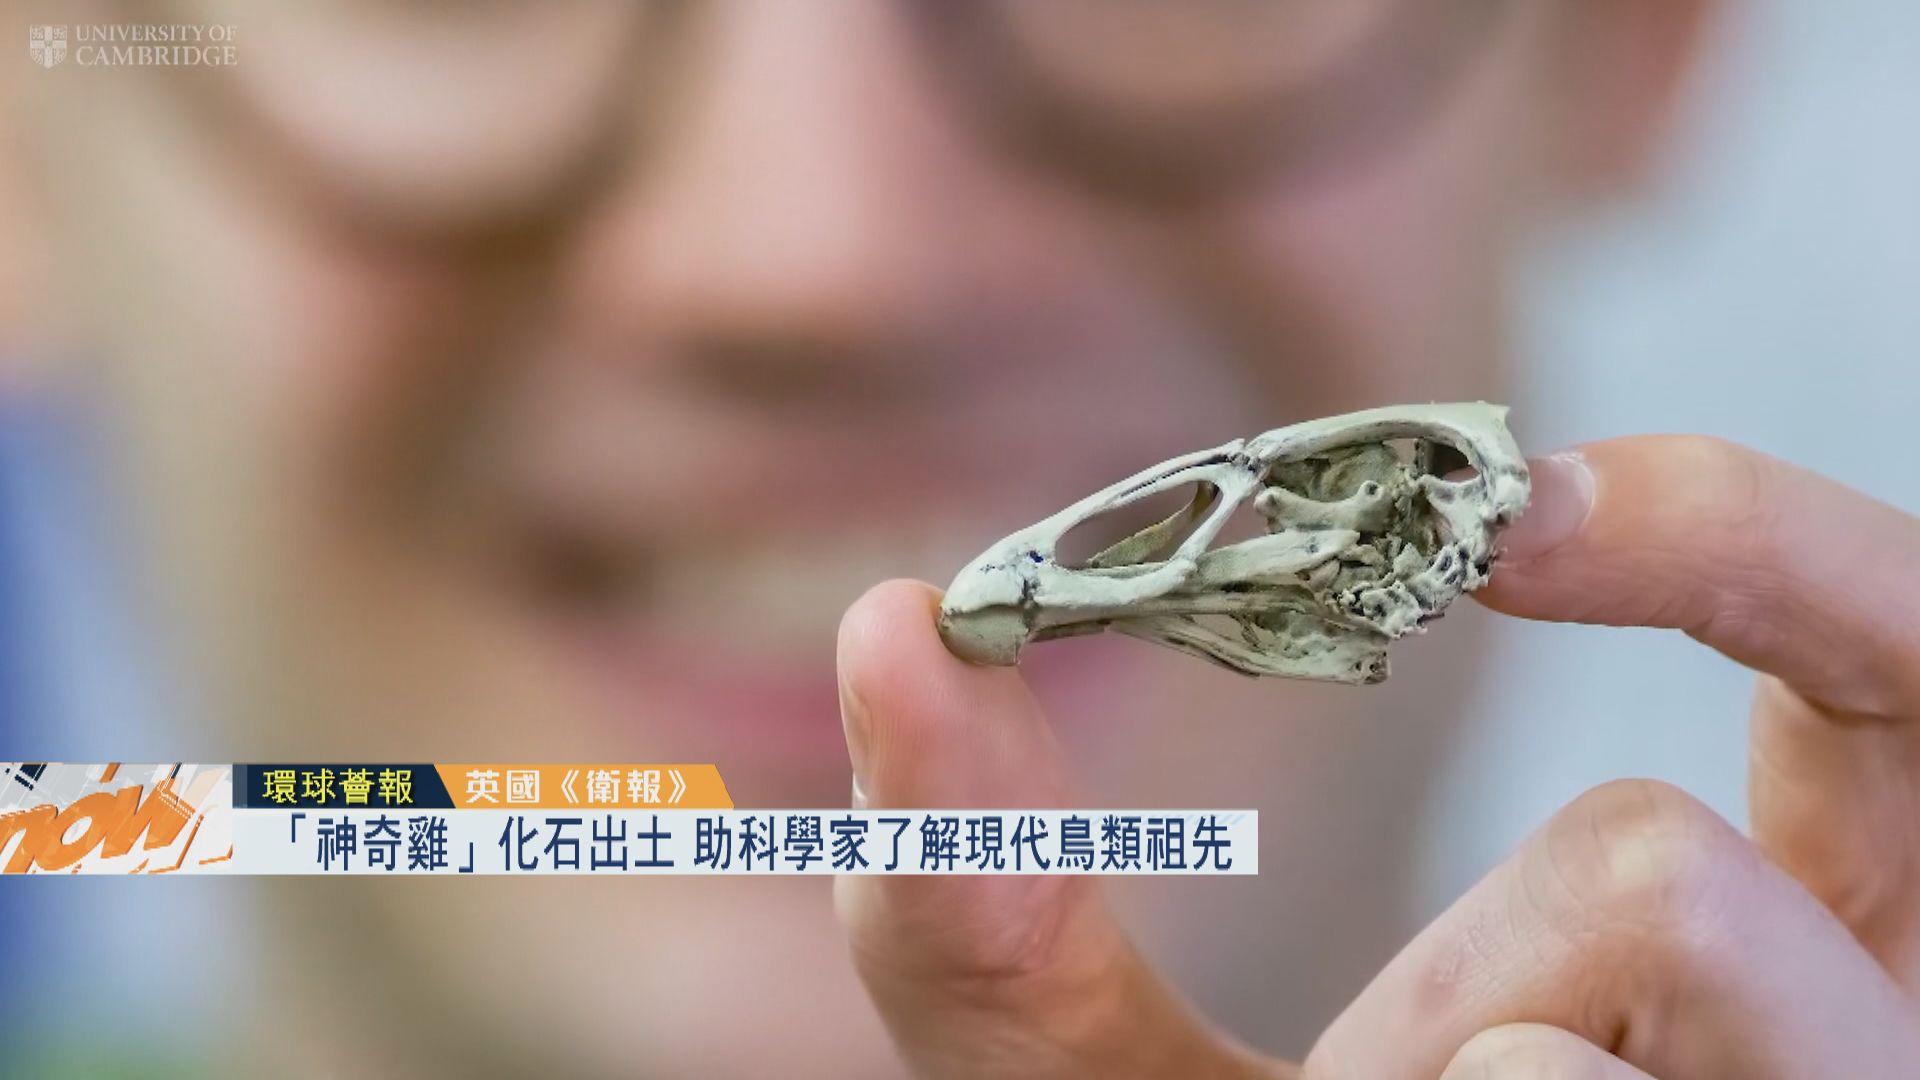 【環球薈報】「神奇雞」化石出土 助了解現代鳥類祖先